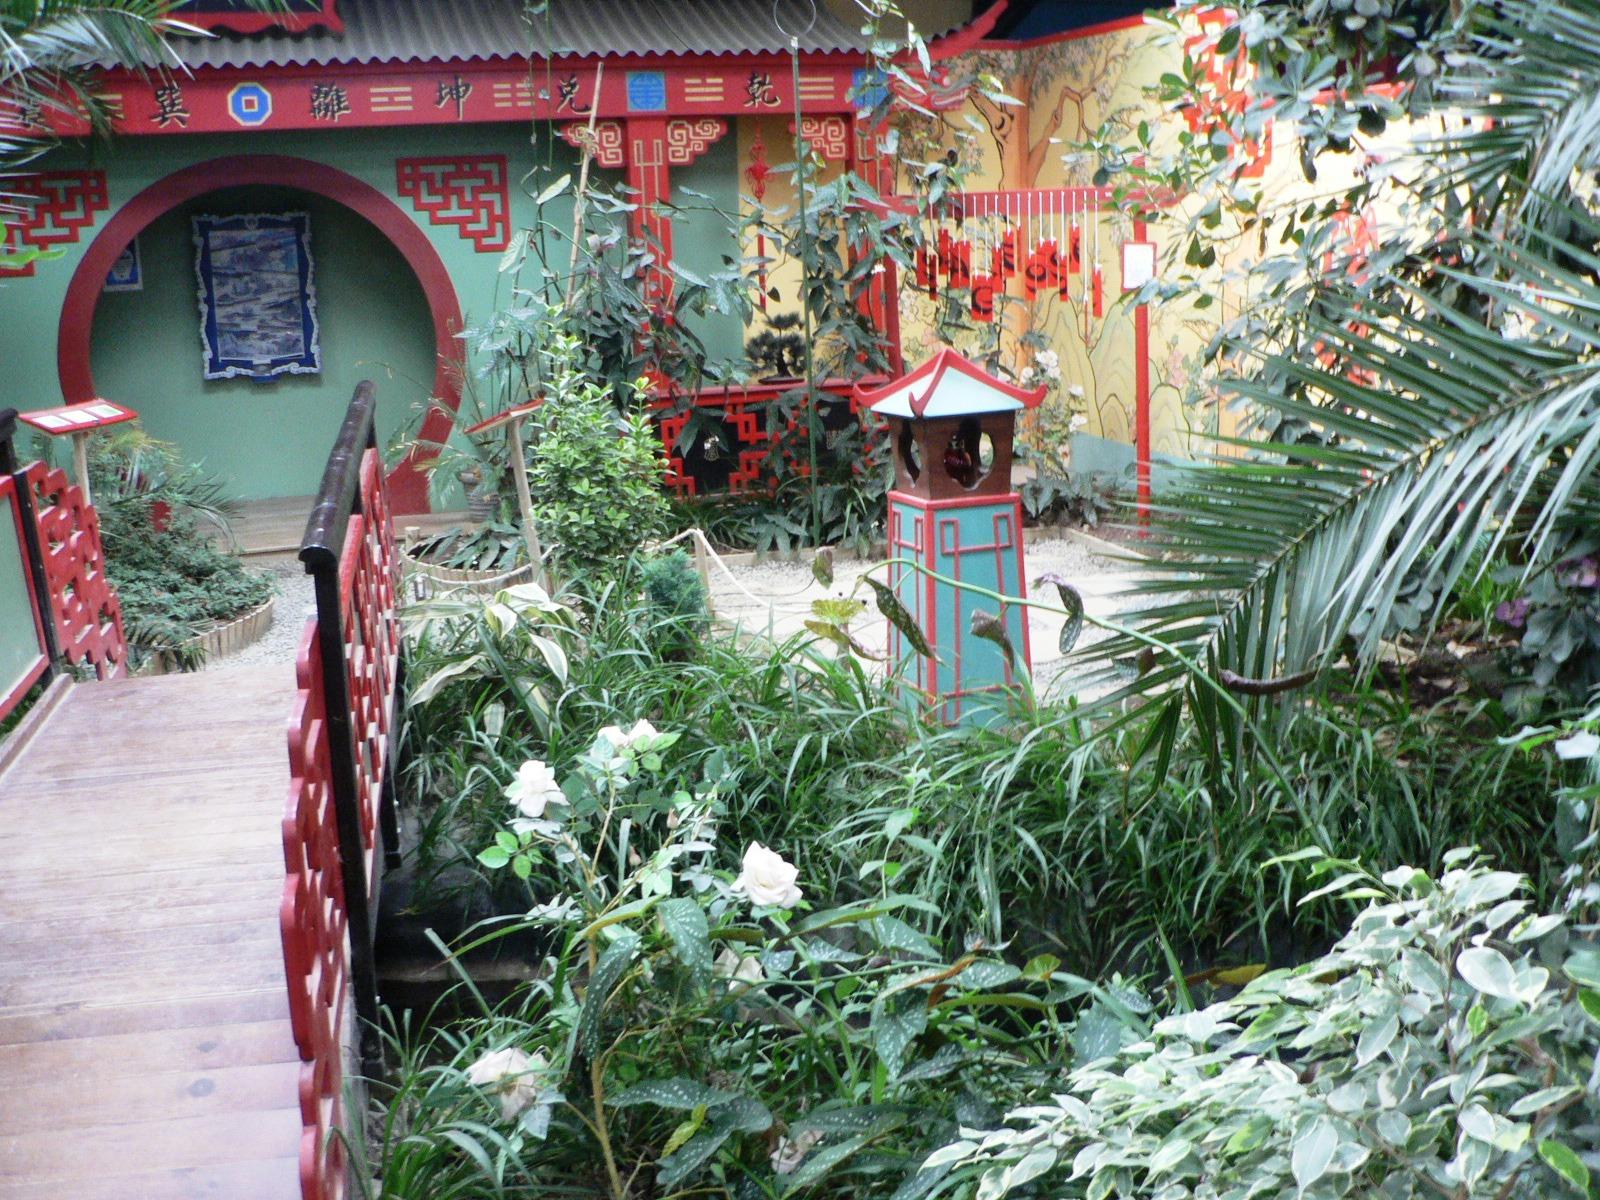 Le jardin d Asie Enigmaparc parc de loisirs couvert Rennes 35